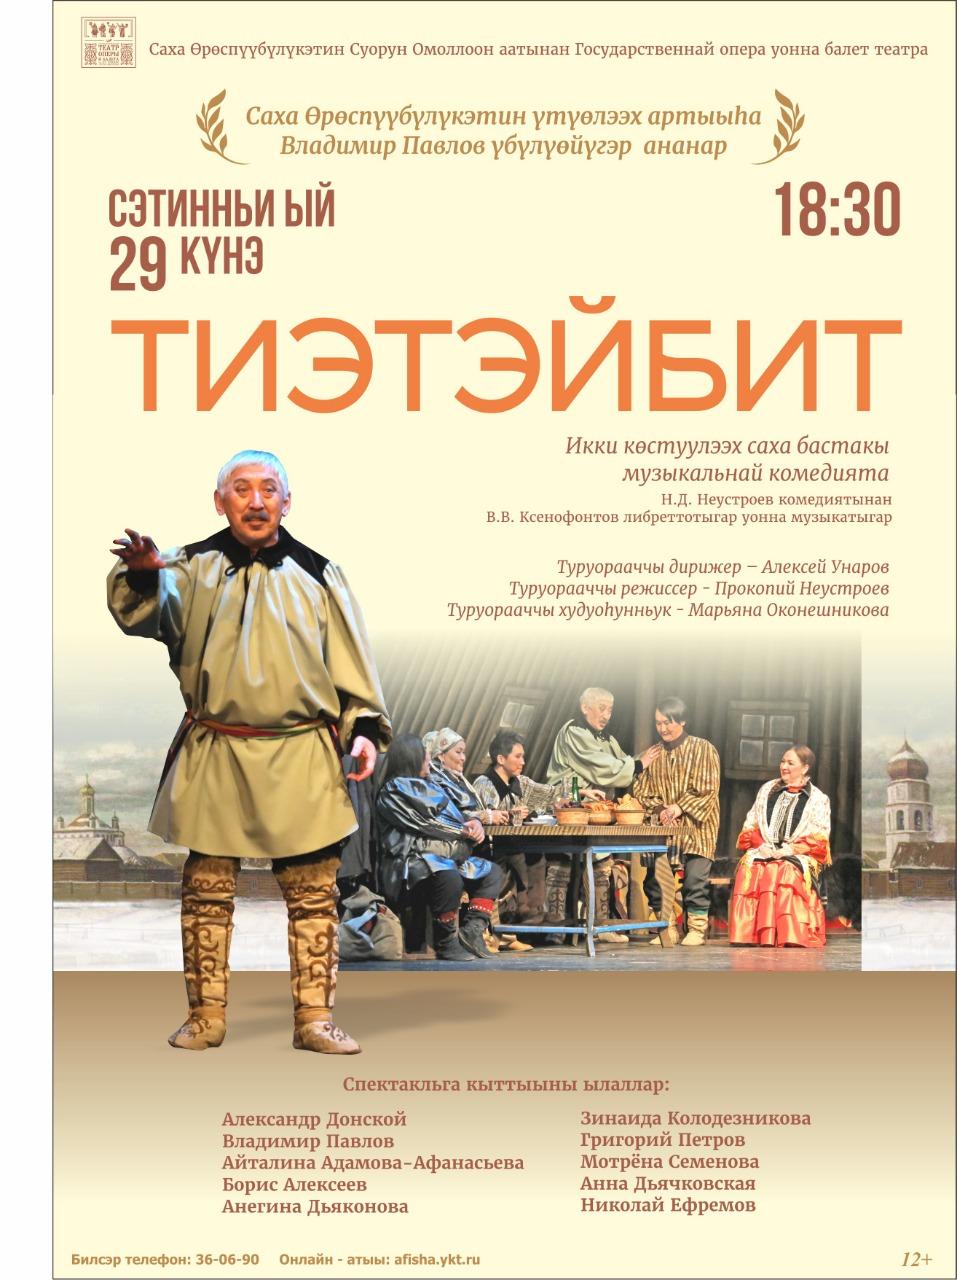 Первая якутская музыкальная комедия «Тиэтэйбит»